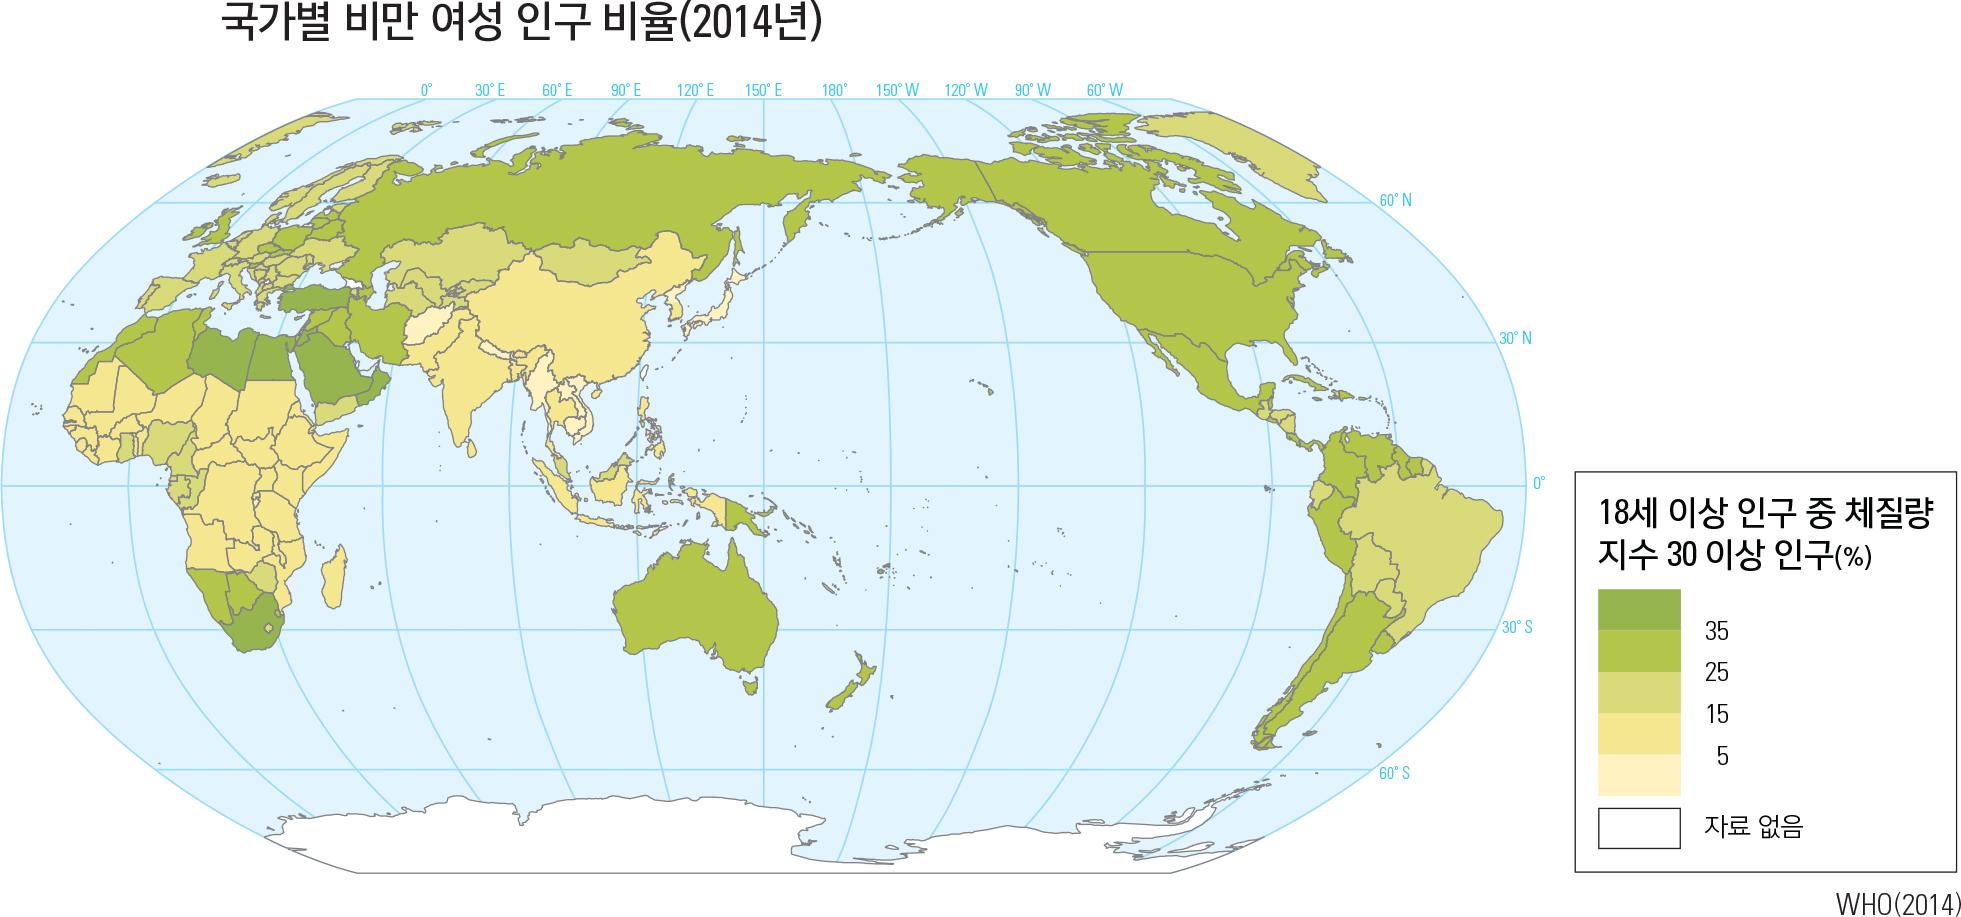 국가별 비만 여성 인구 비율(2014년)